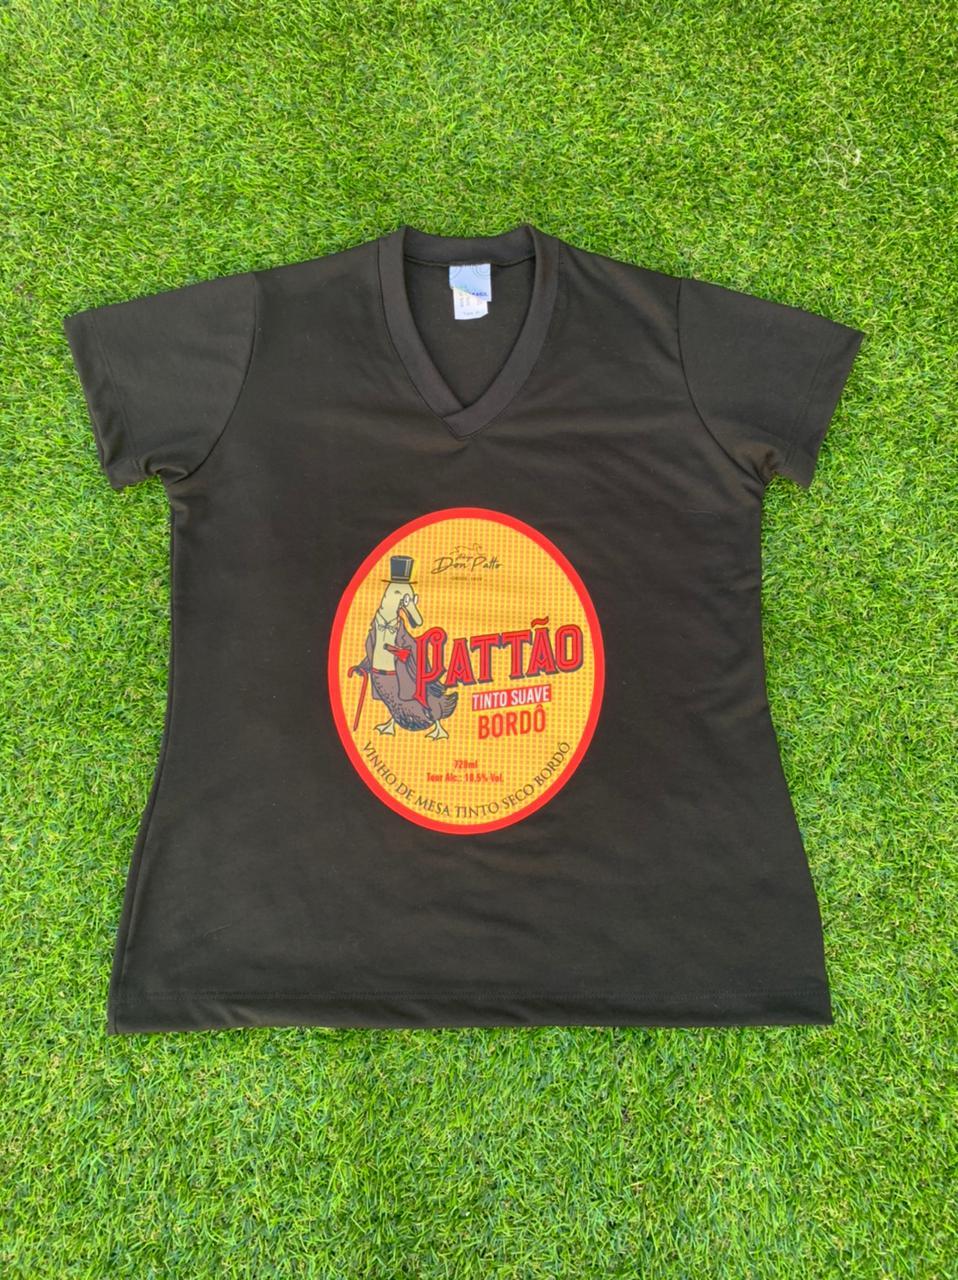 Camiseta Preta Pattão Feminina  - Empório Don Patto